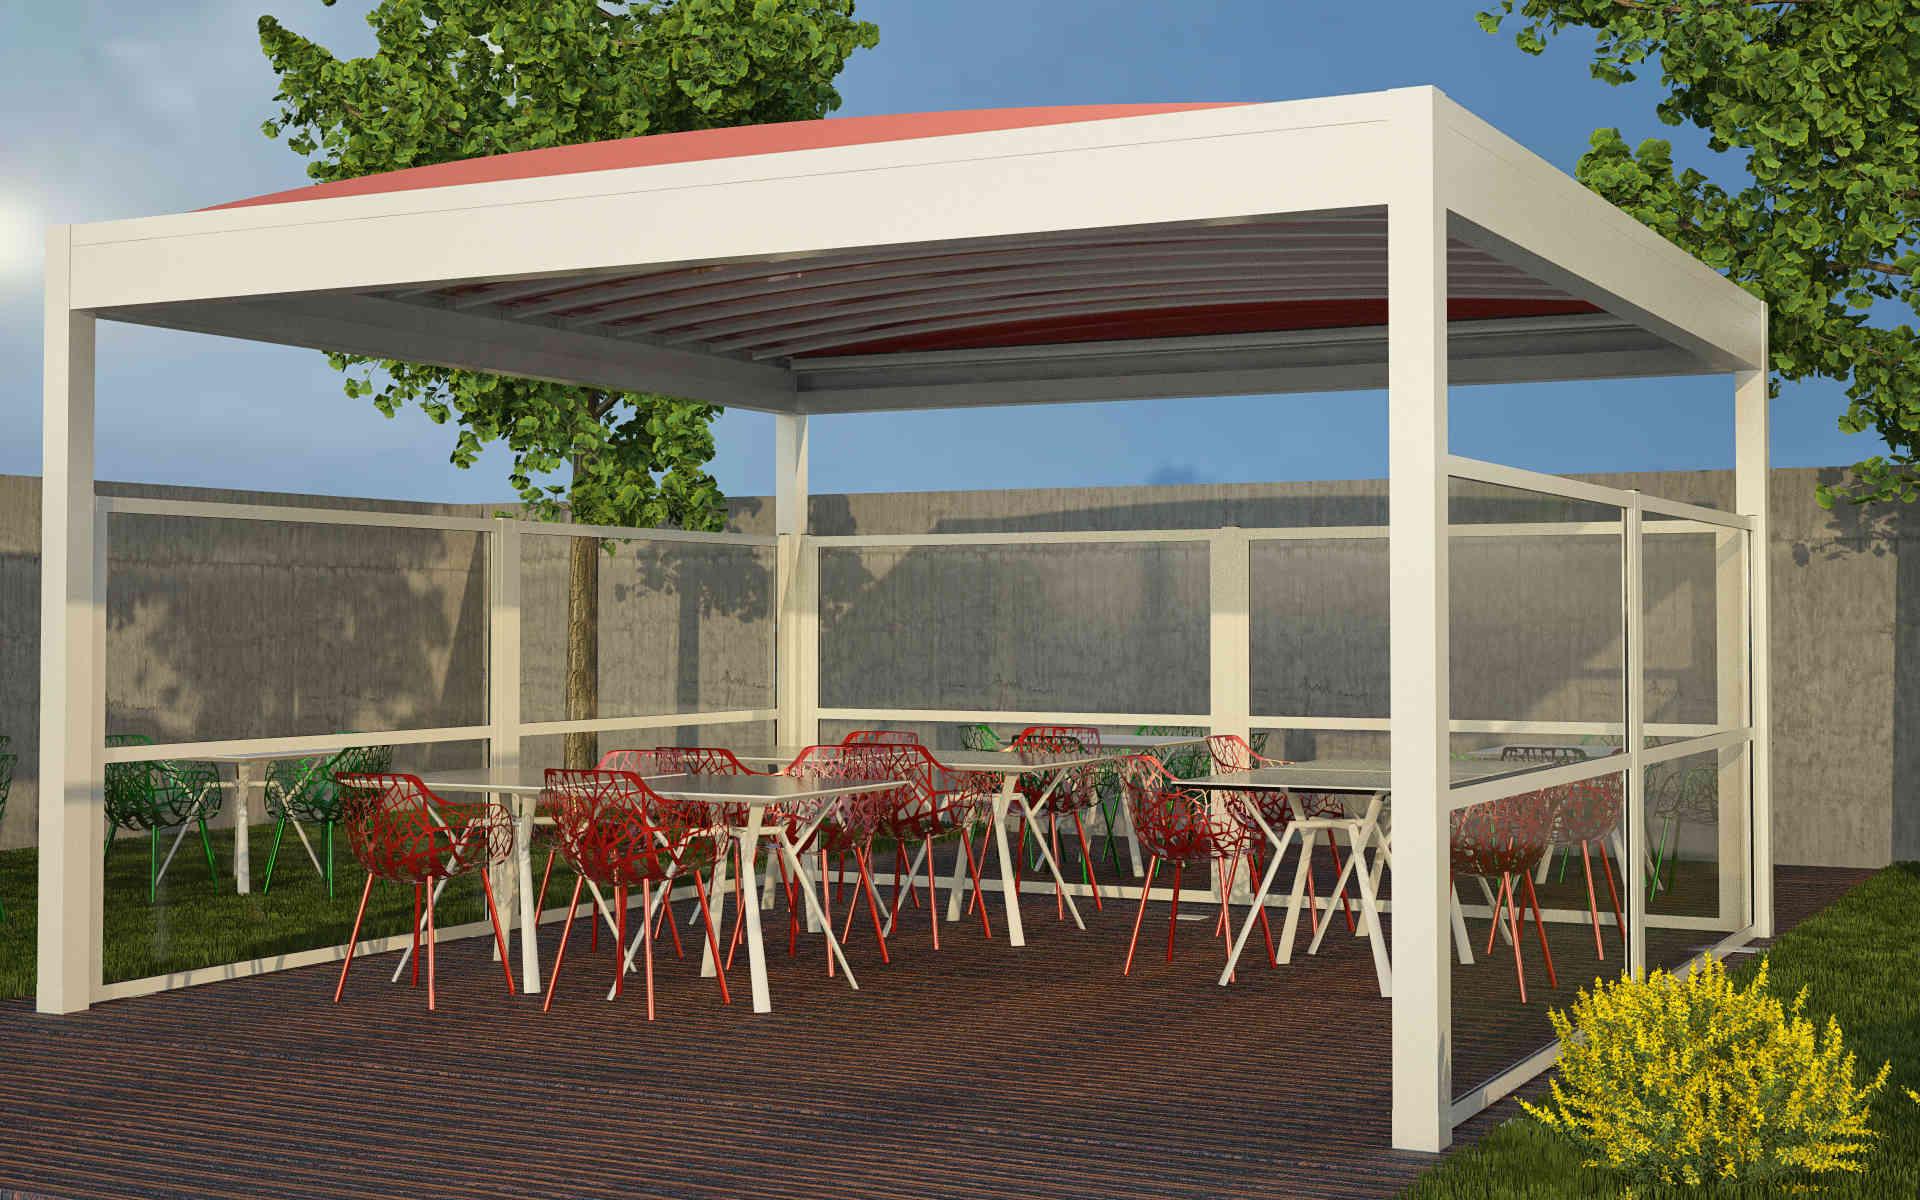 Paraventi modulari per esterno in alluminio. Chiusura di dehors e plateatici. Serie 4000. Stameat srl - Padova